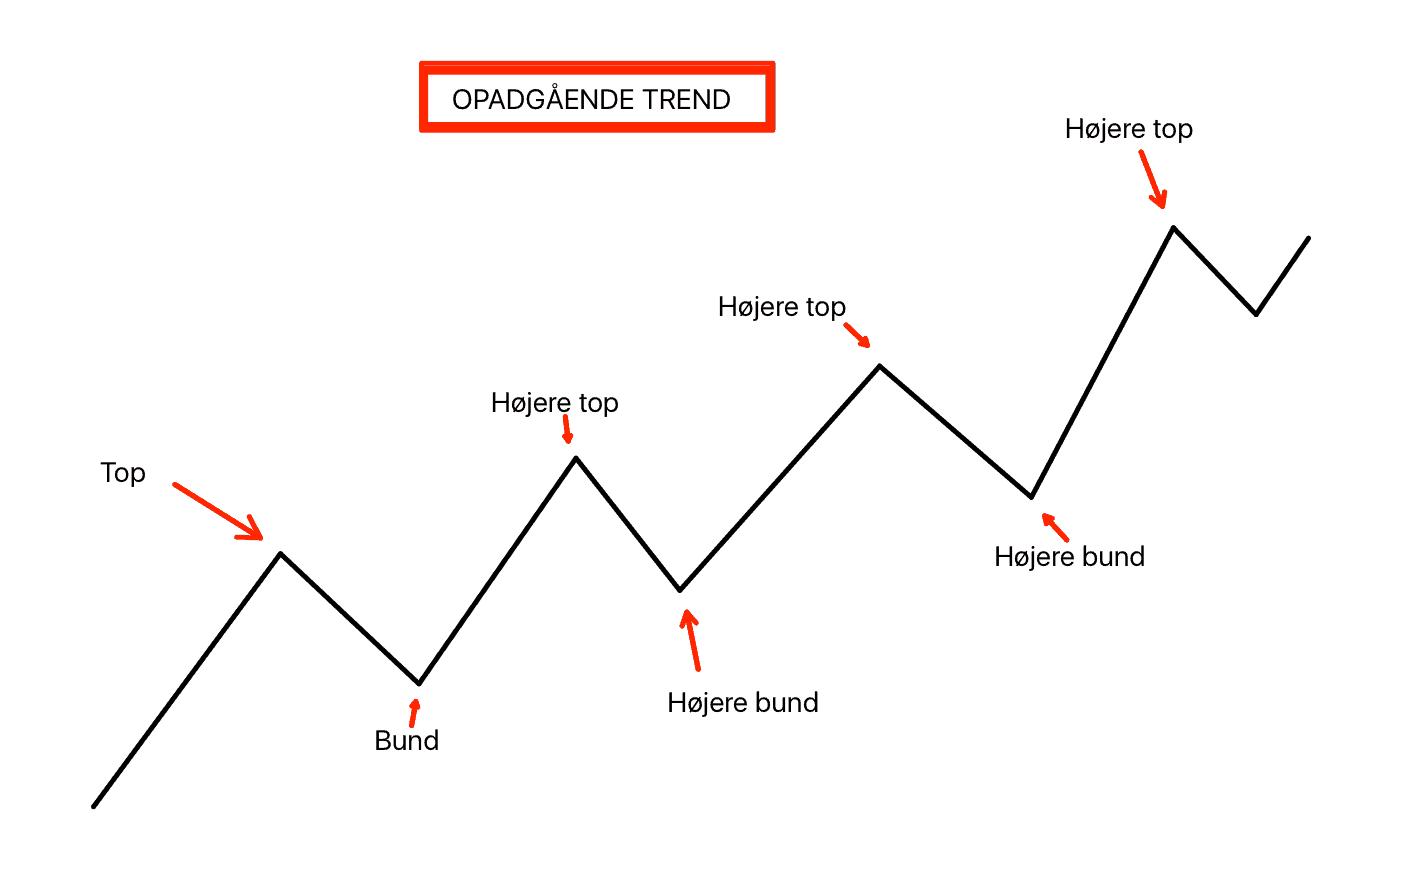 opadgaaende-trend